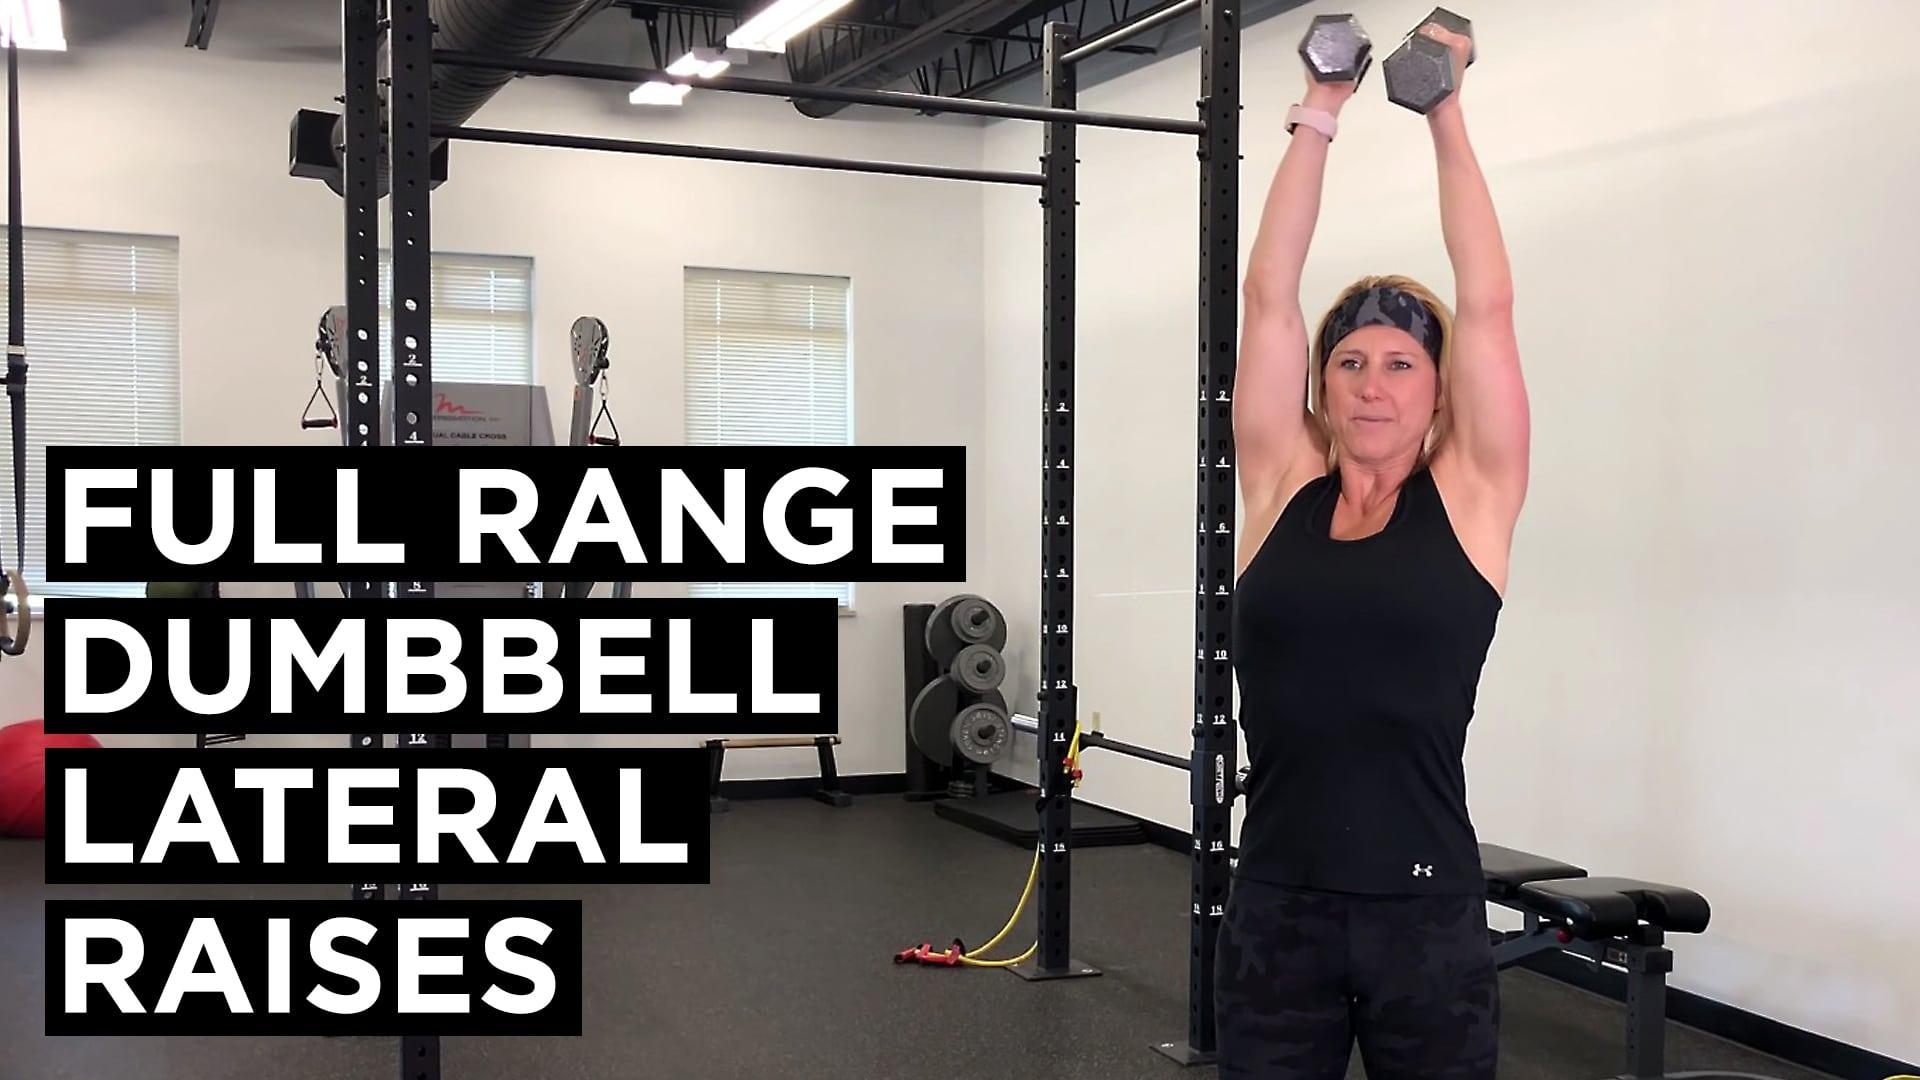 Full Range Dumbell Lateral Raises